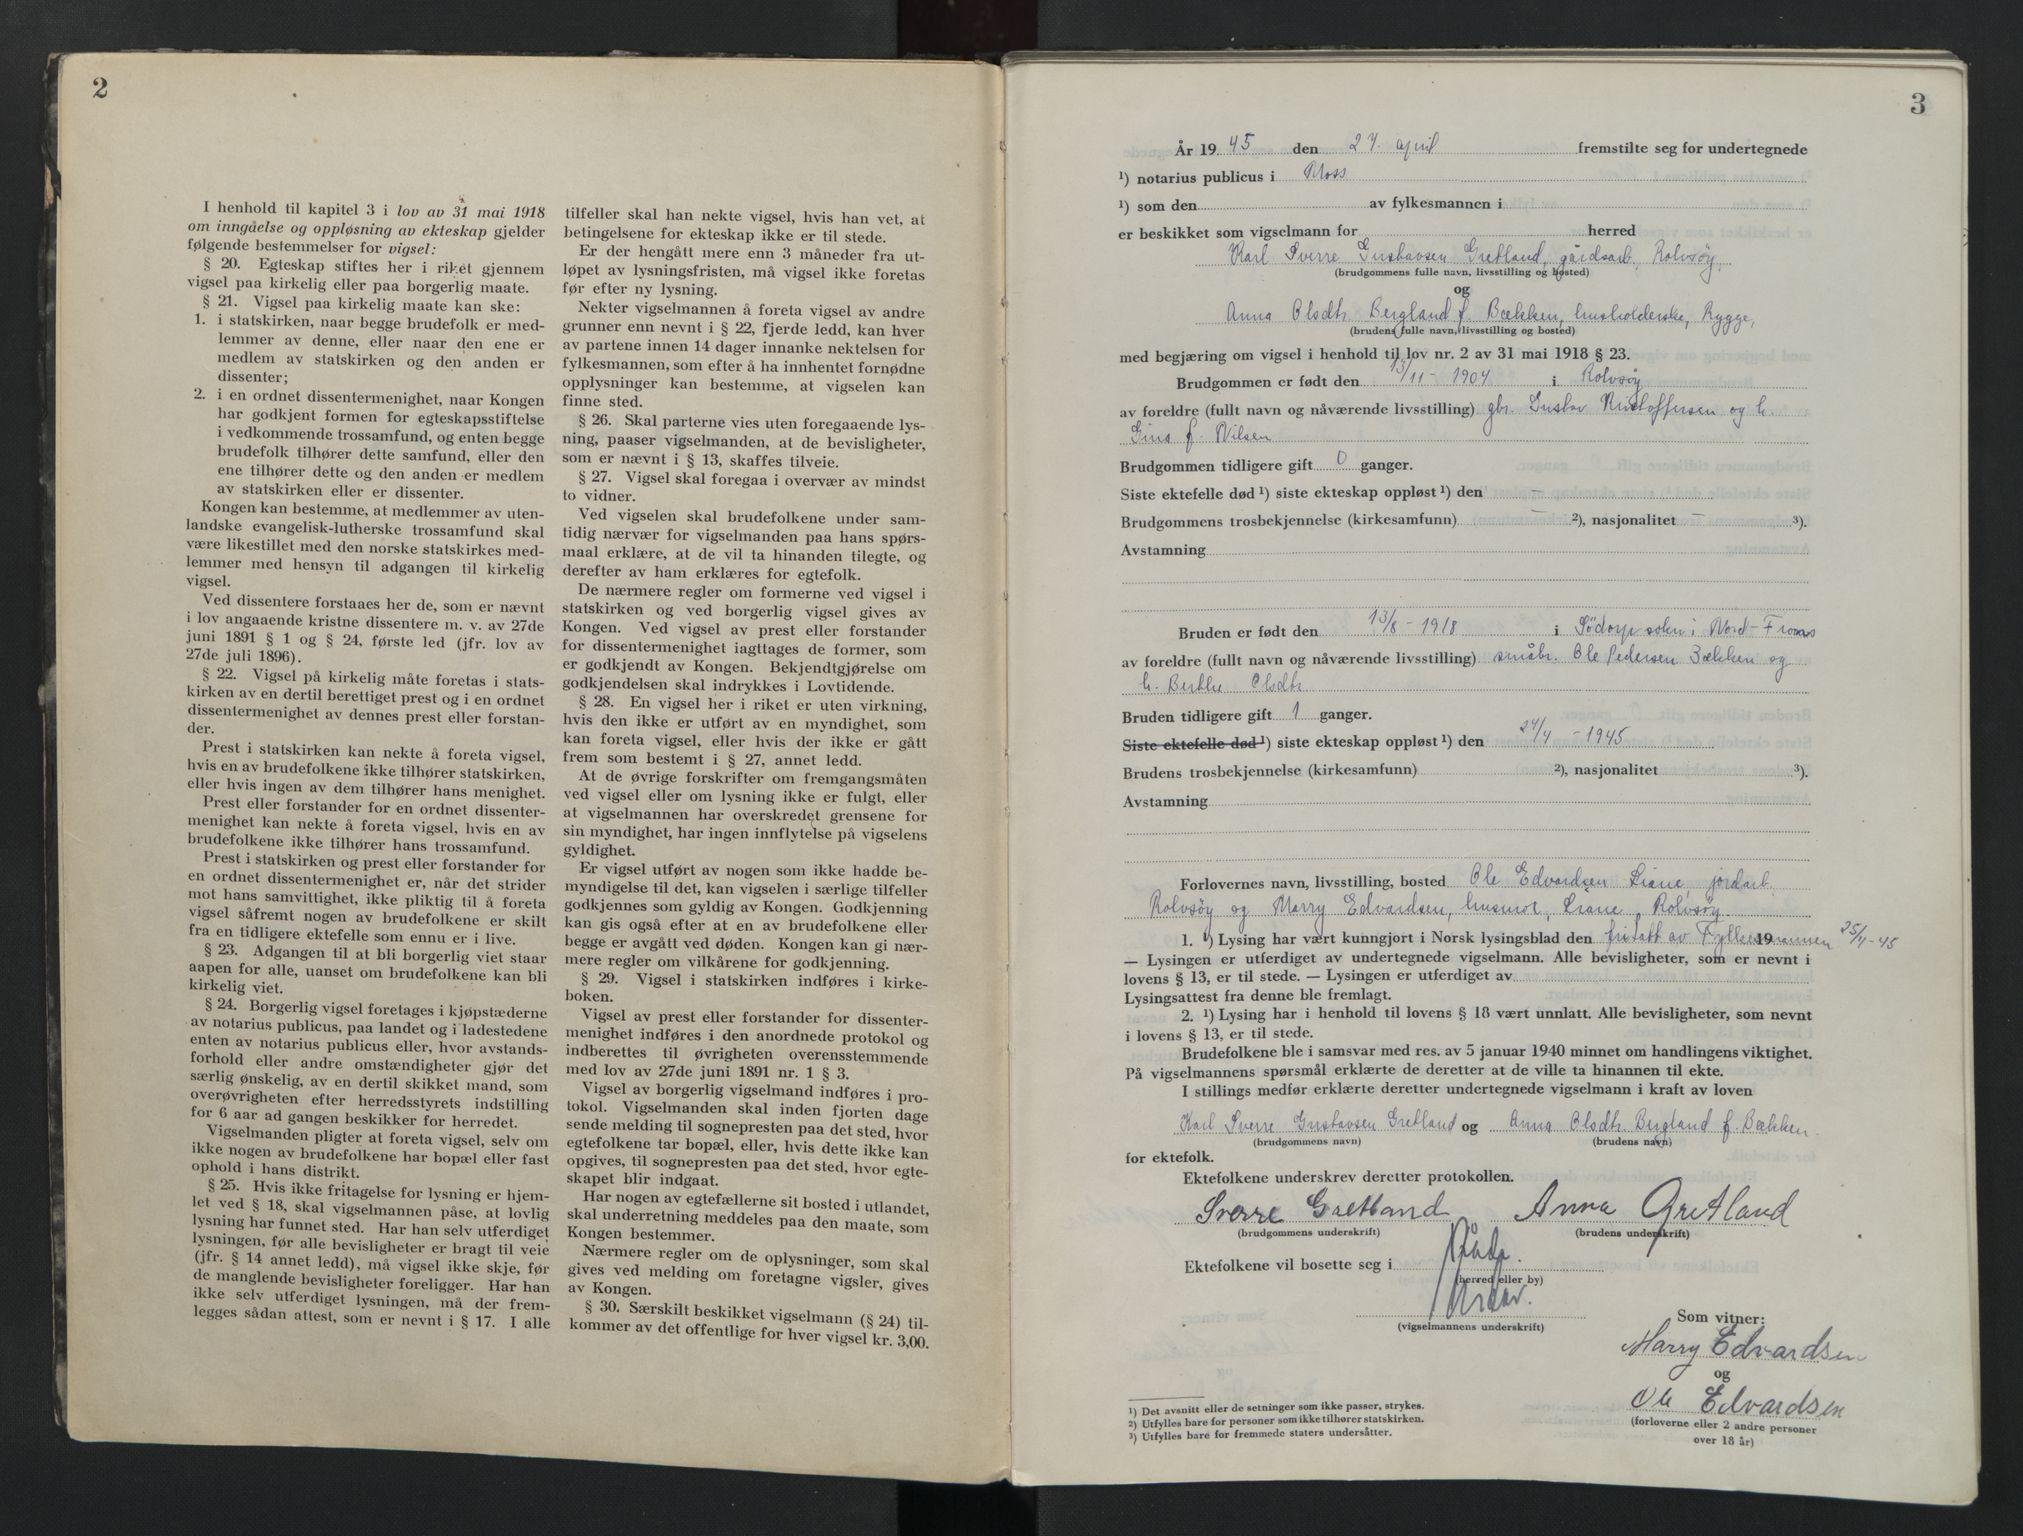 SAO, Moss sorenskriveri, 1945-1948, s. 2-3